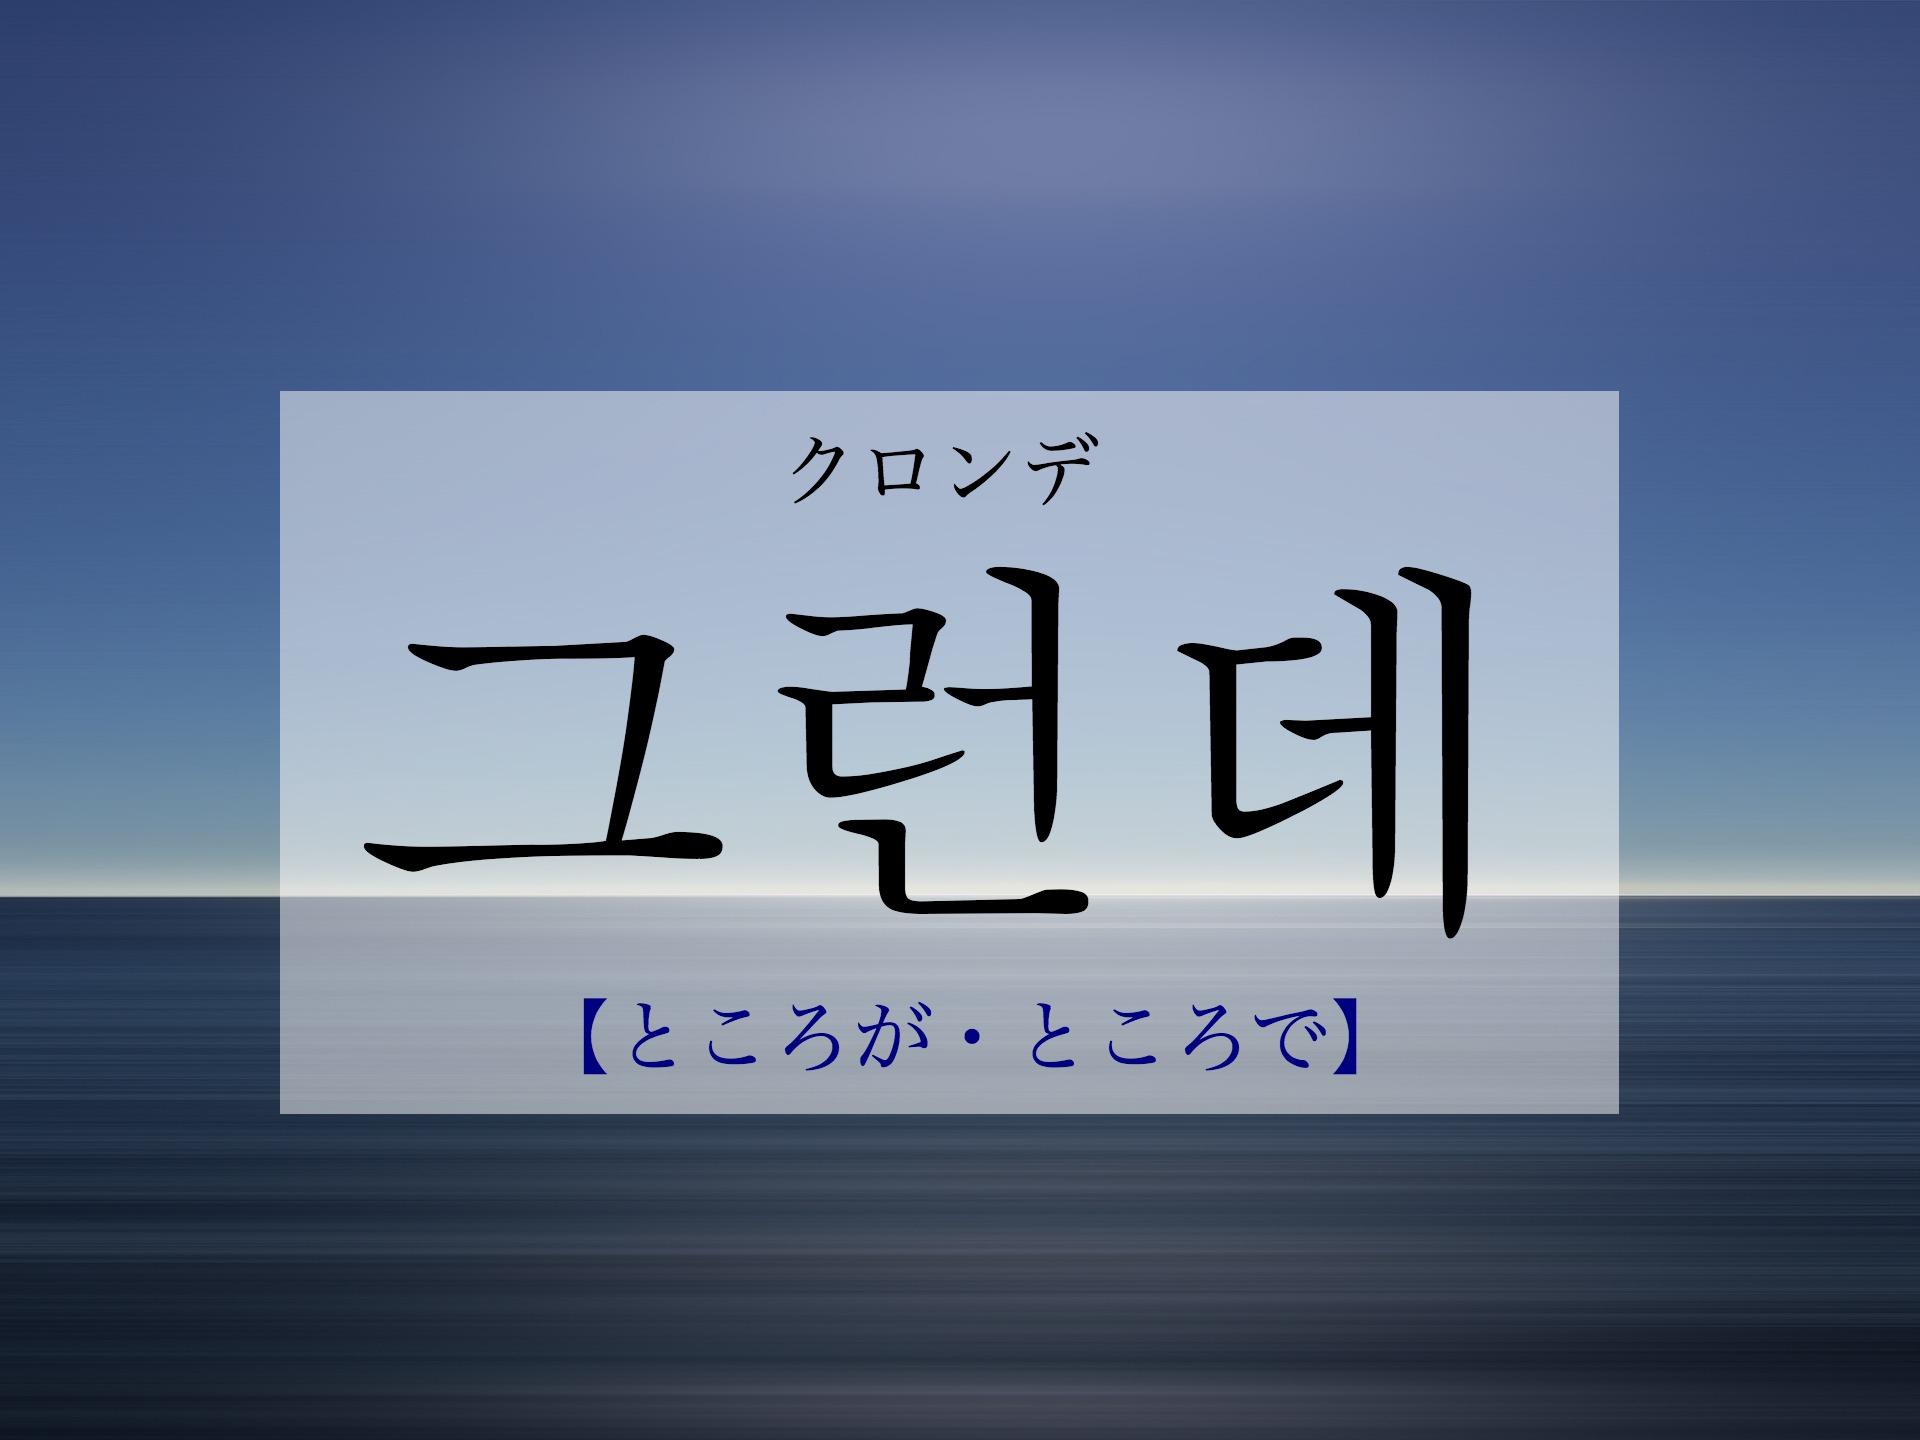 koreanword-bytheway